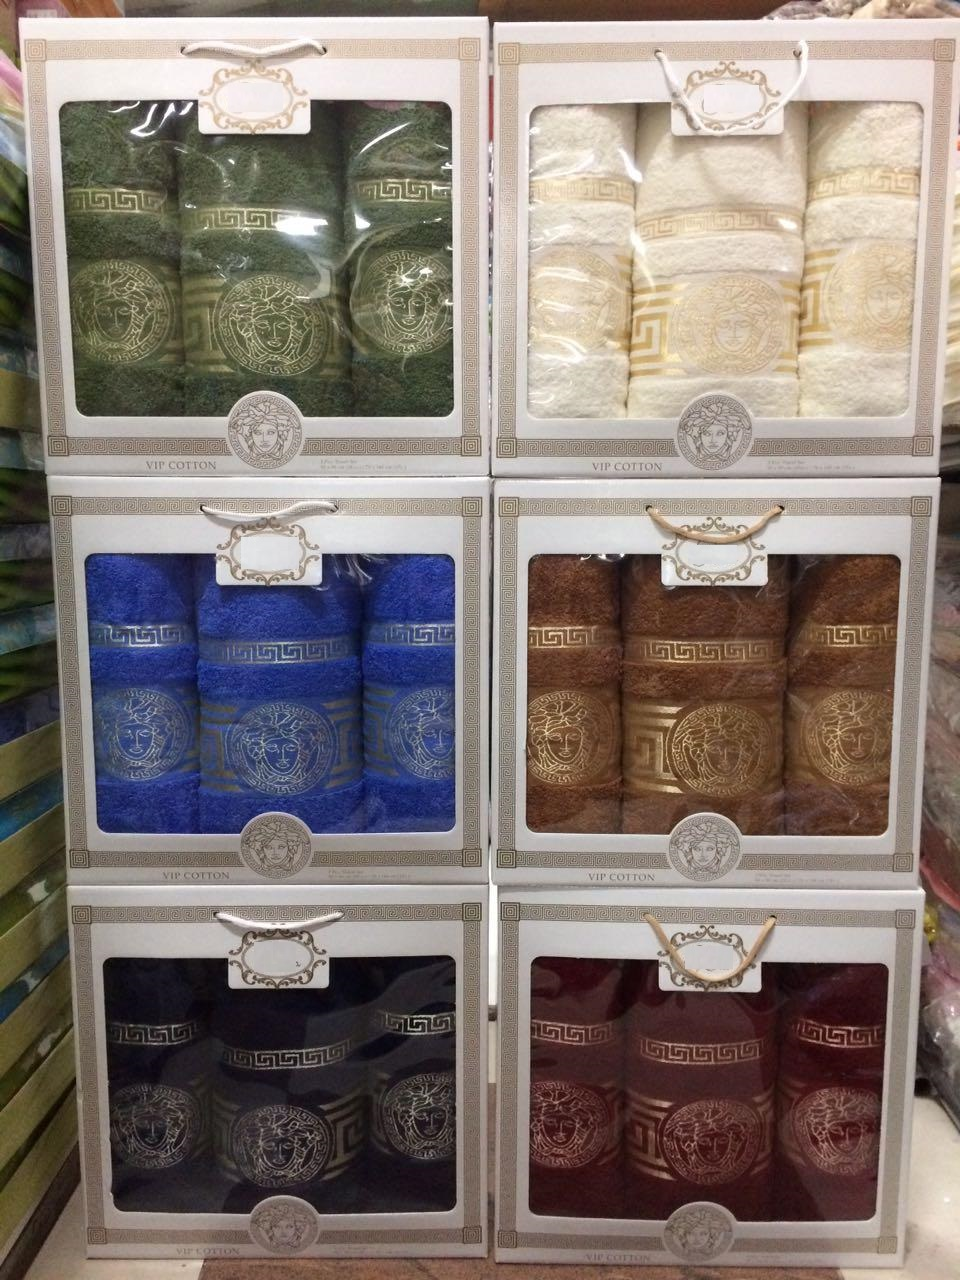 Сбор заказов. Наборы полотенец в подарочной упаковке к Новому году пр-ва Узбекистан, а также всё для Вашего сна - одеяла, подушки, наматрасники, покрывала - 2